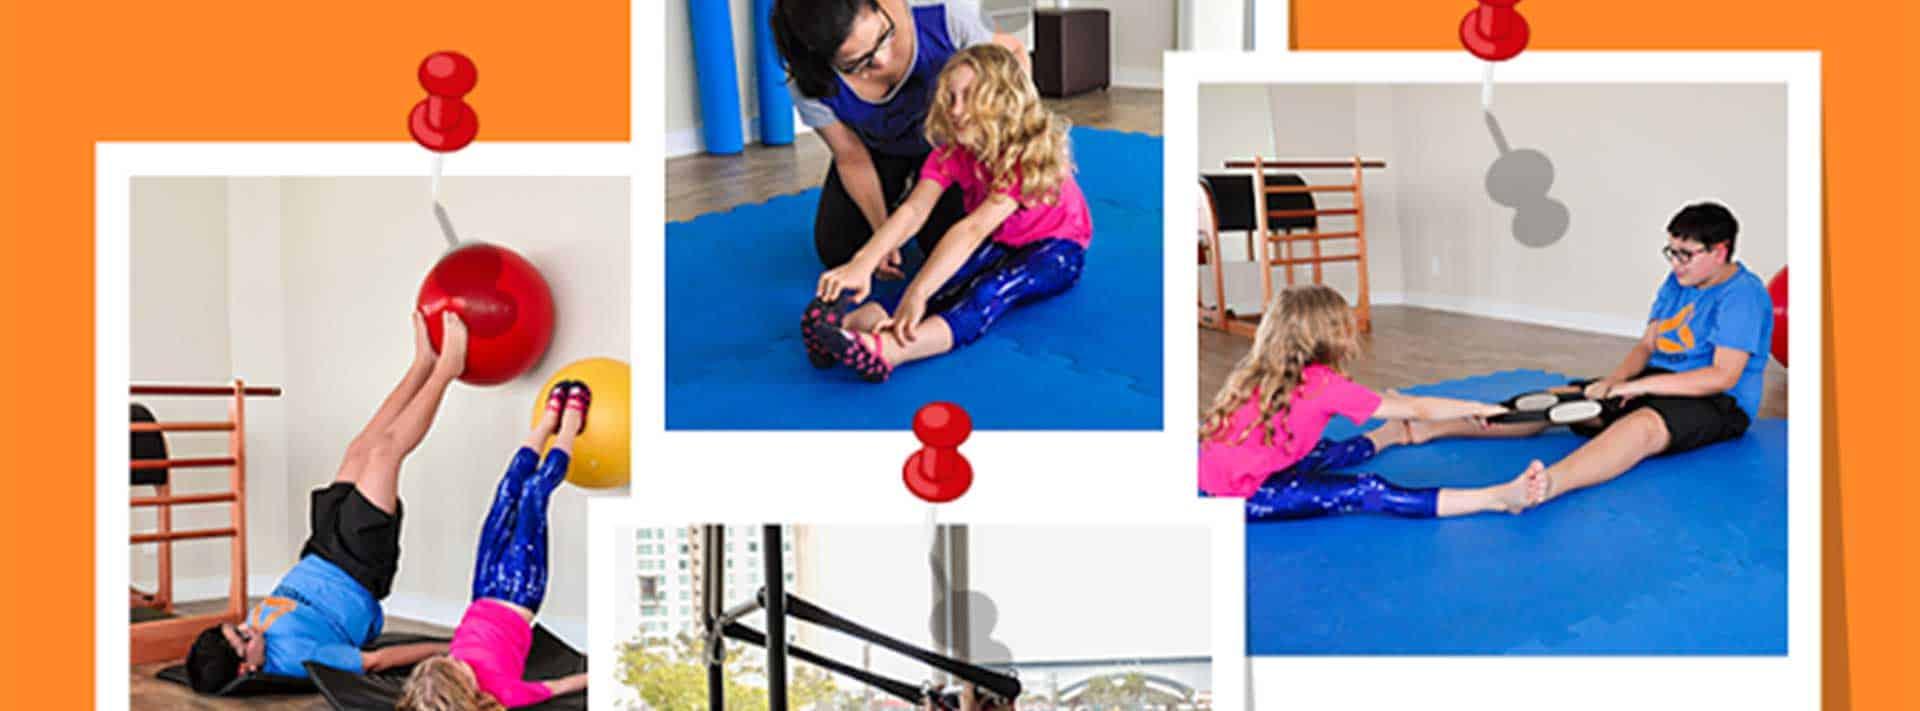 espaco-bem-viver-fisioterapia-pilates-kids